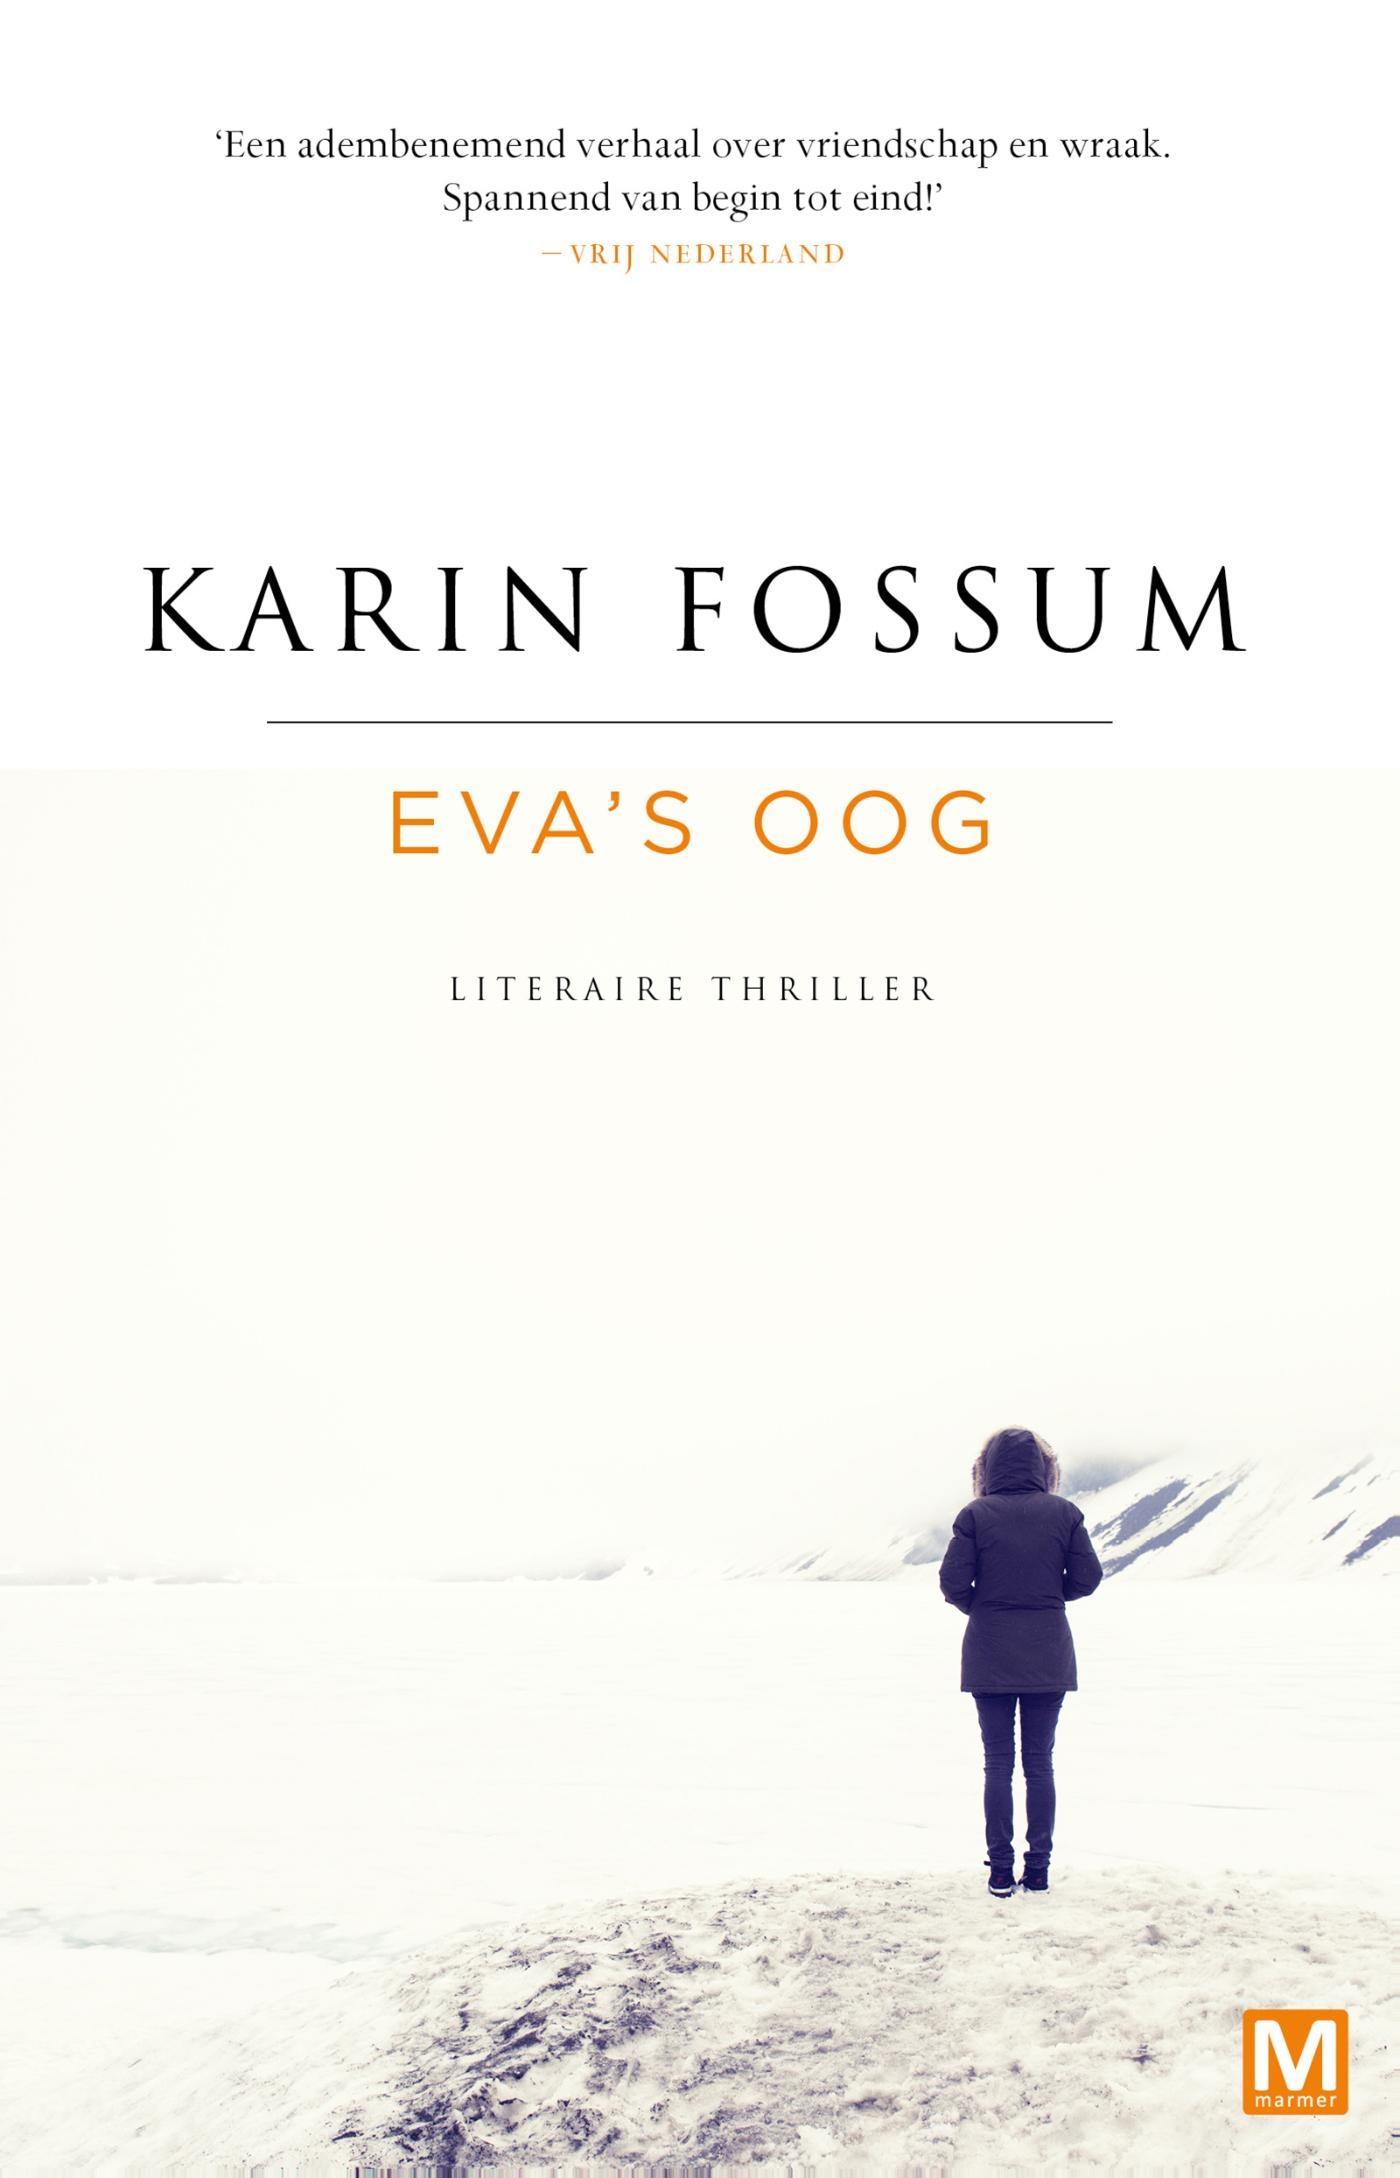 Evas oog - boekrecensie